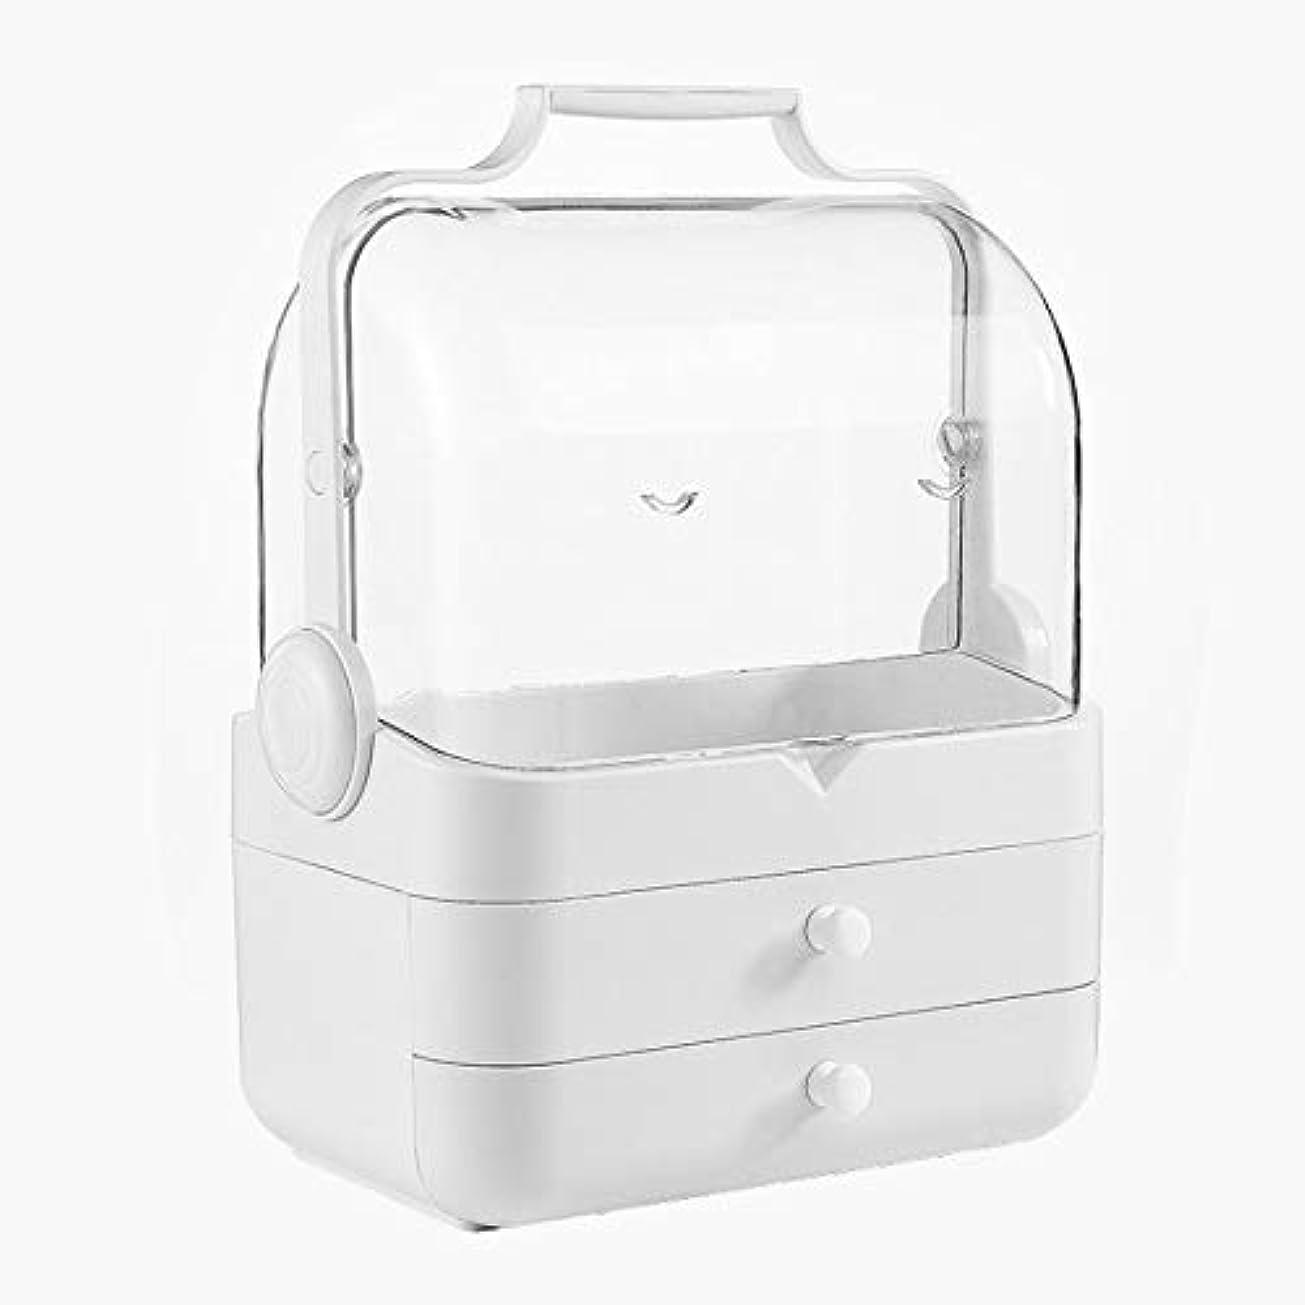 ソフィーディンカルビル符号化粧箱、白い大容量フリップ防塵化粧品ケース、ポータブル旅行化粧品ケース、美容ネイルジュエリー収納ボックス